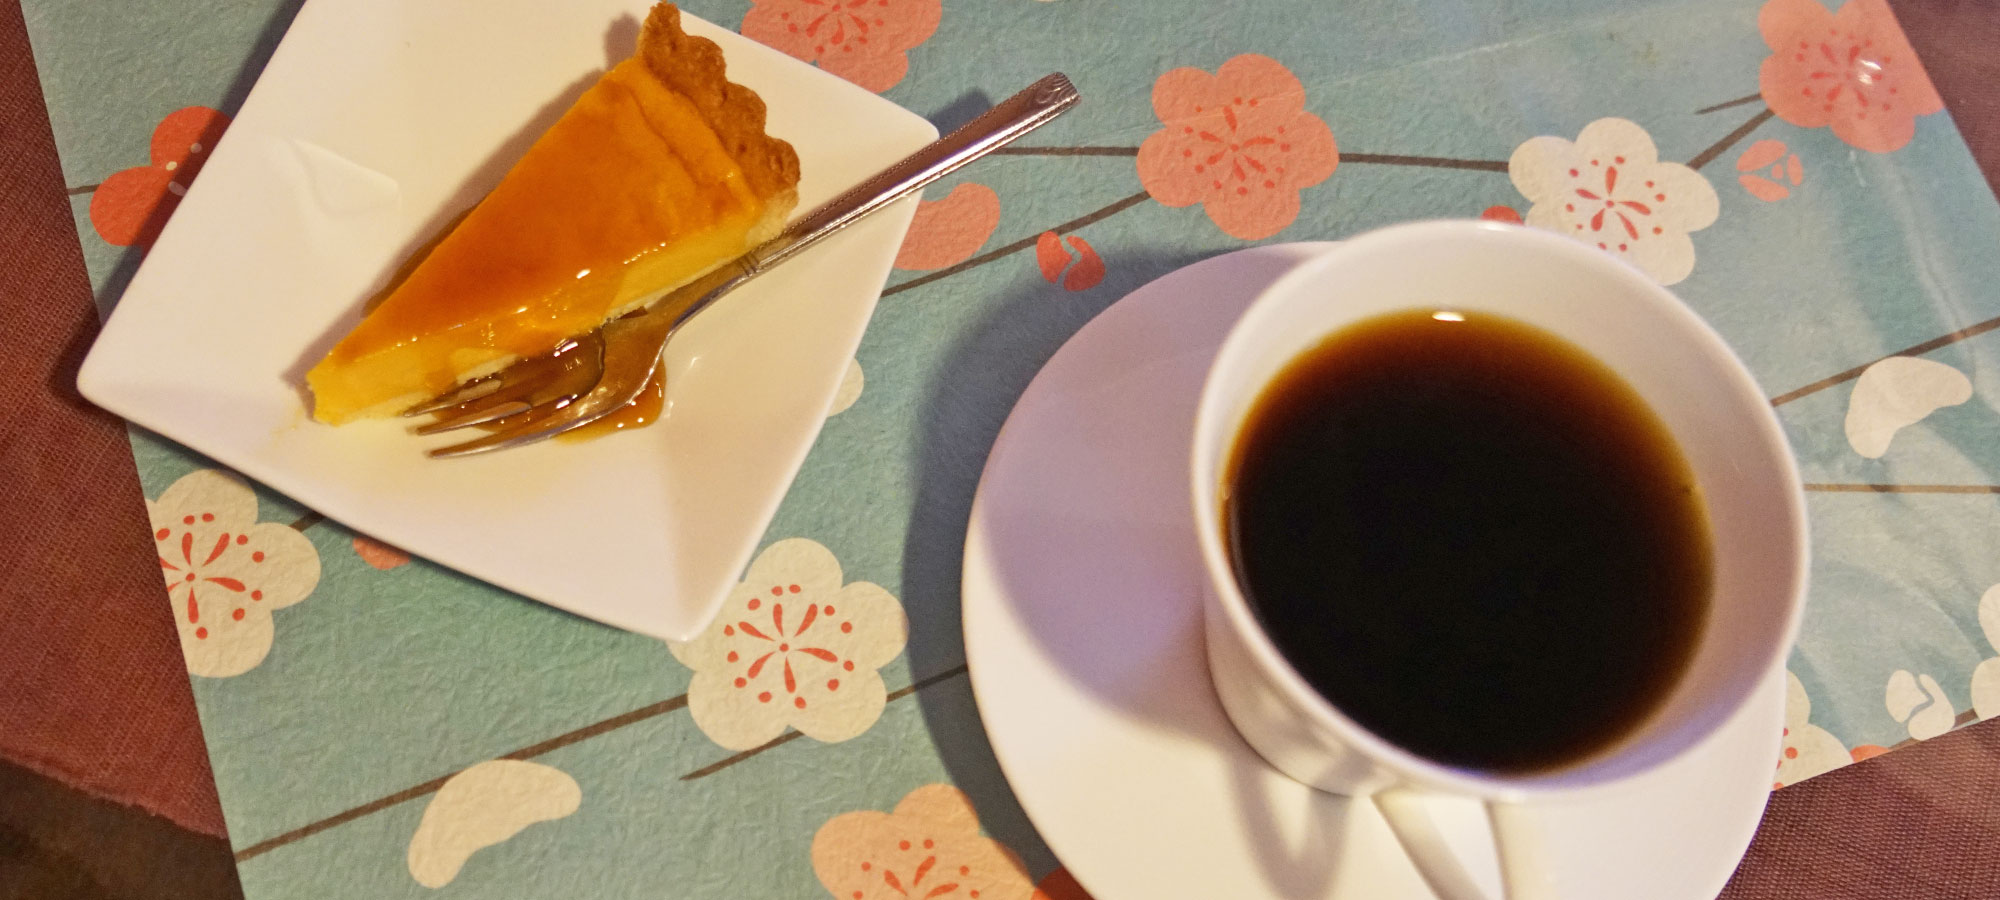 農家レストランあかねデザートとコーヒー